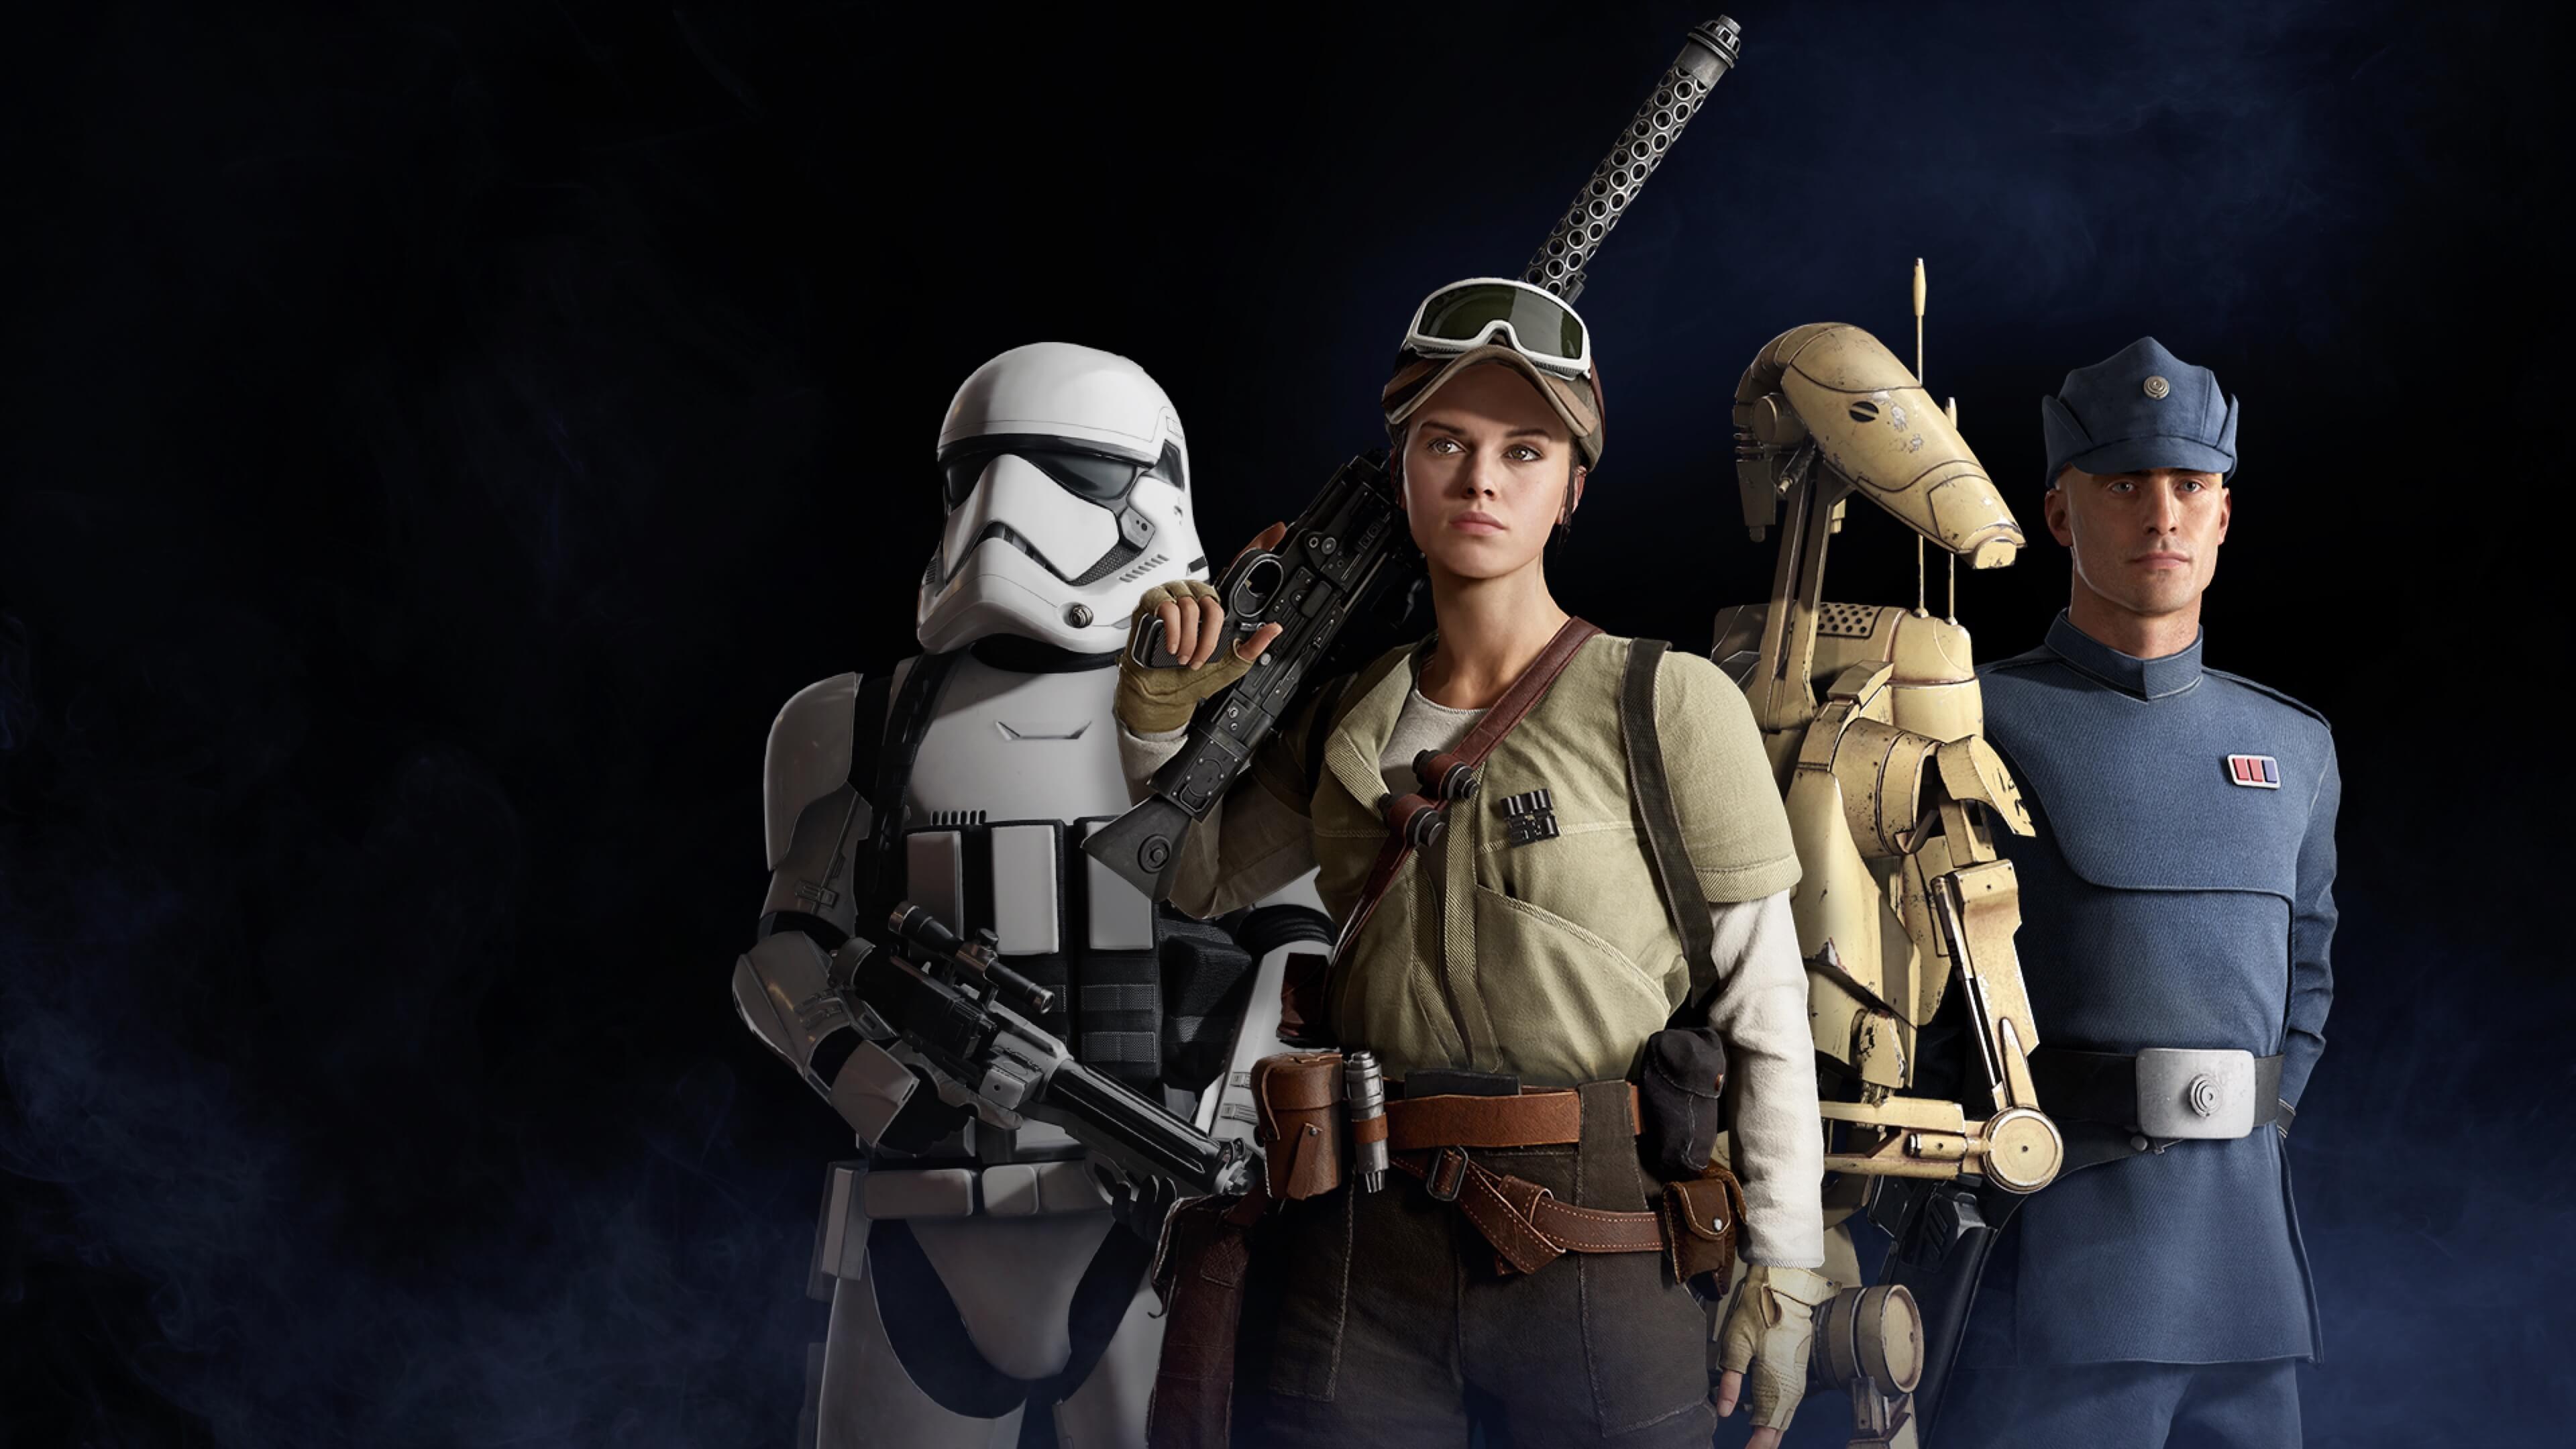 Star Wars EA Battlefront 2 Wallpaper HD Hi Res